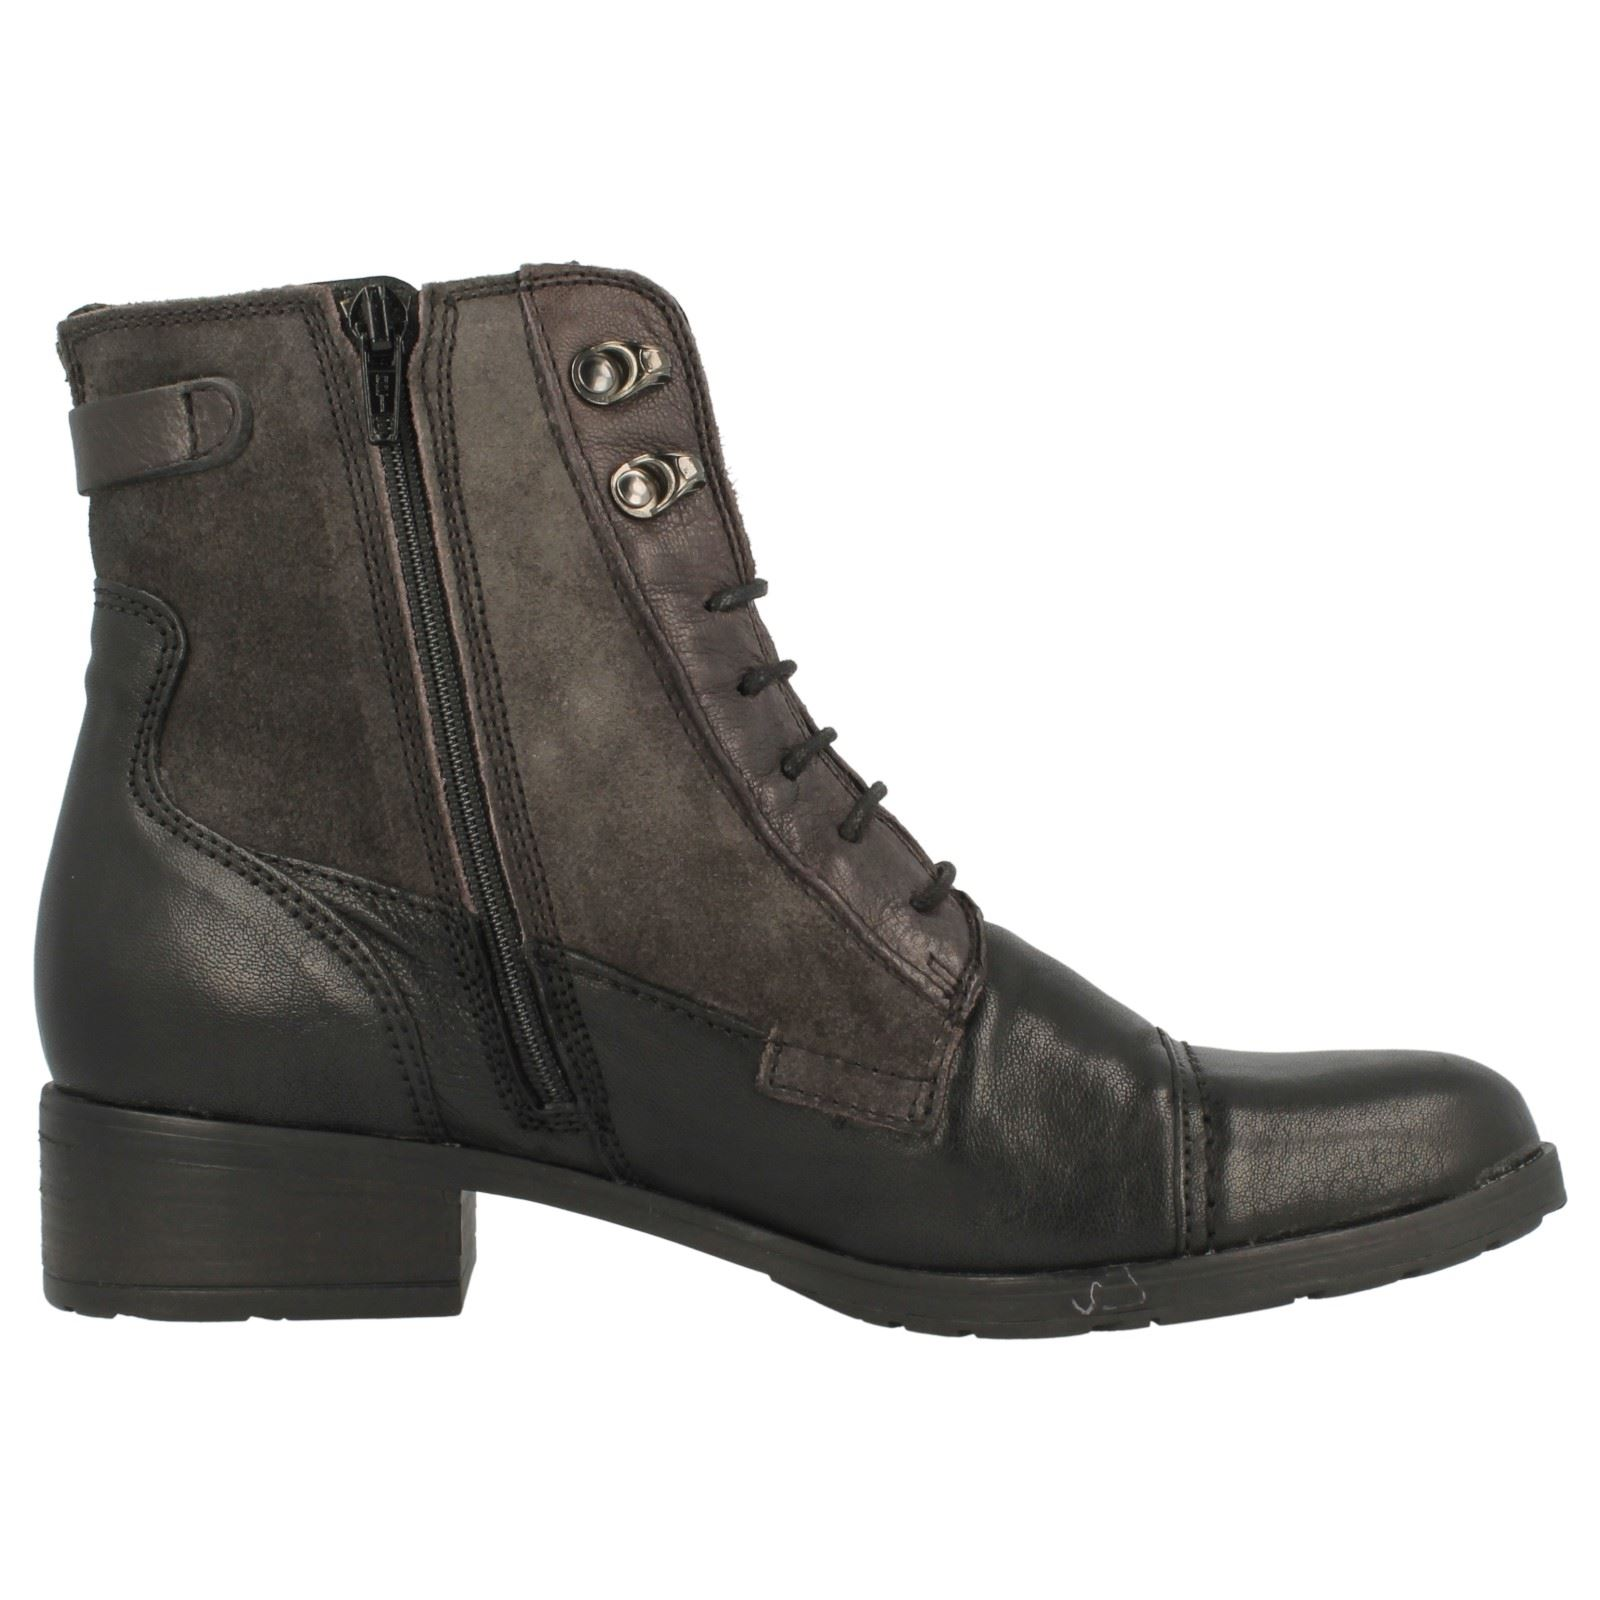 botas al tobillo tobillo al Damas Clarks 'Morgan Carla' 578105